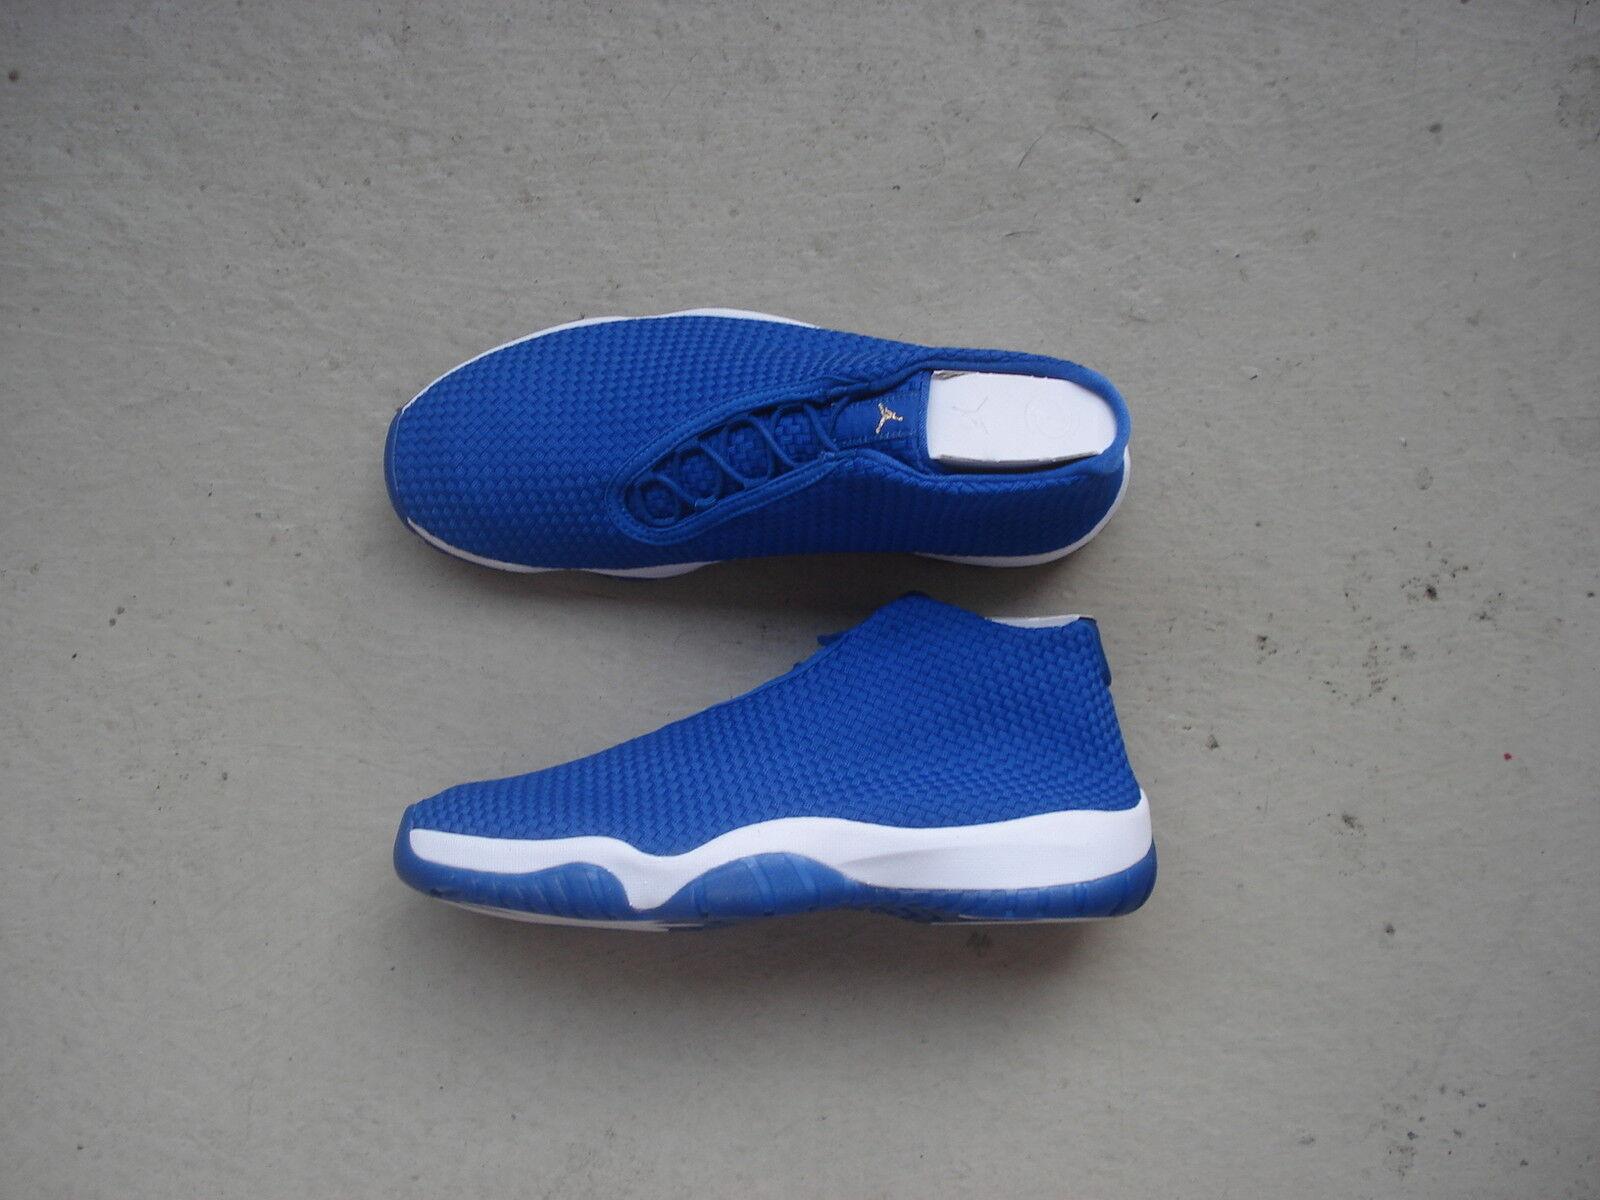 Nike Air Jordan Future 45 Varsity Royal/Varsity Royal-blanc